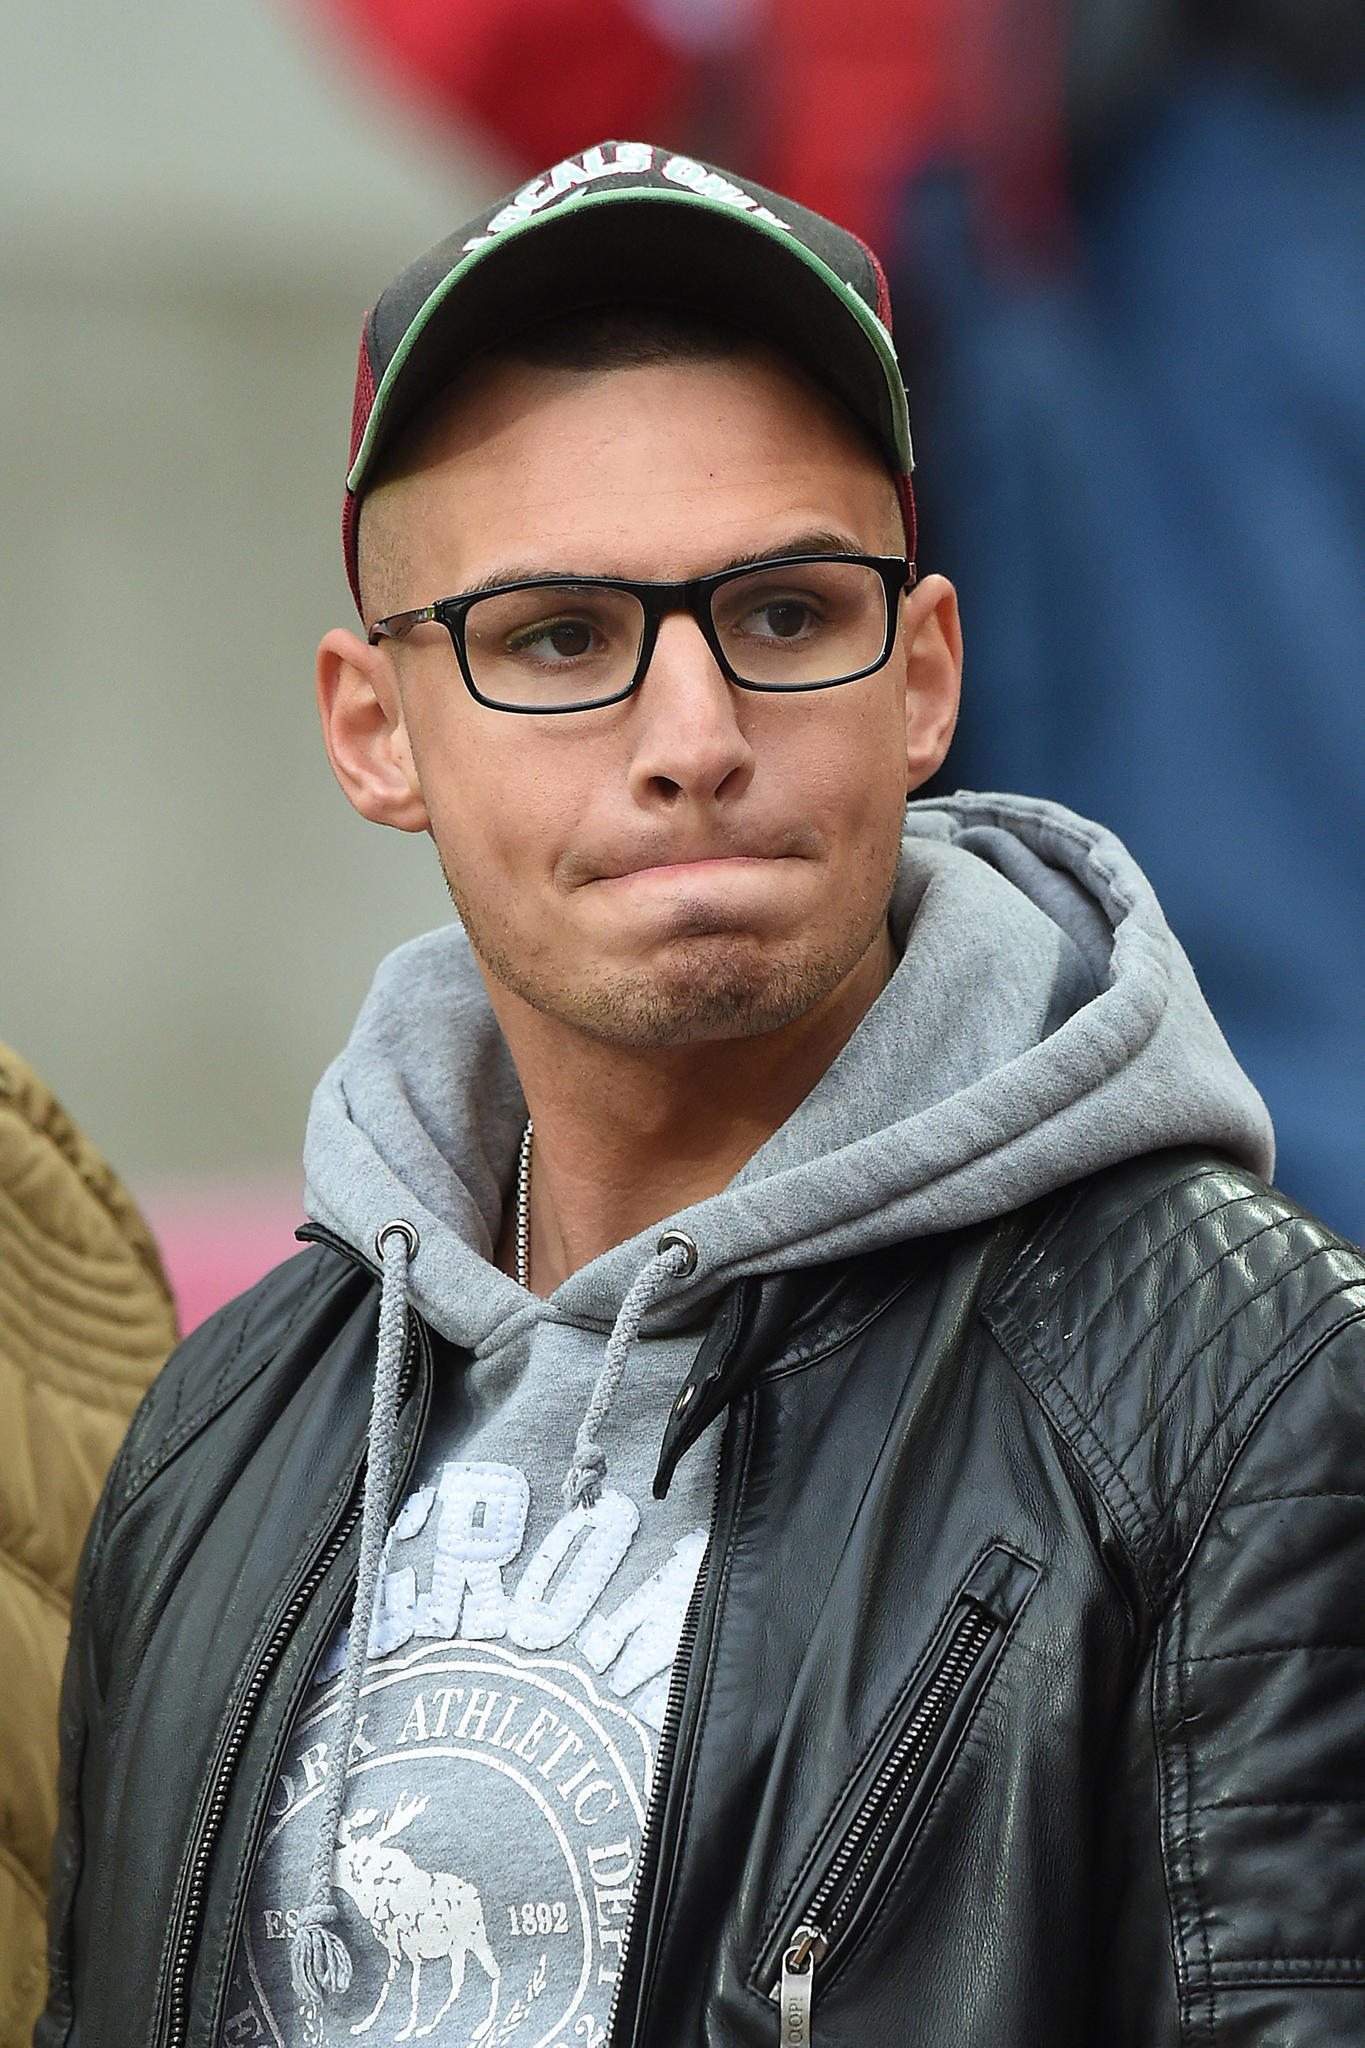 Pietro Lombardi Neuer Frisur Verzückt Die Fans Galade